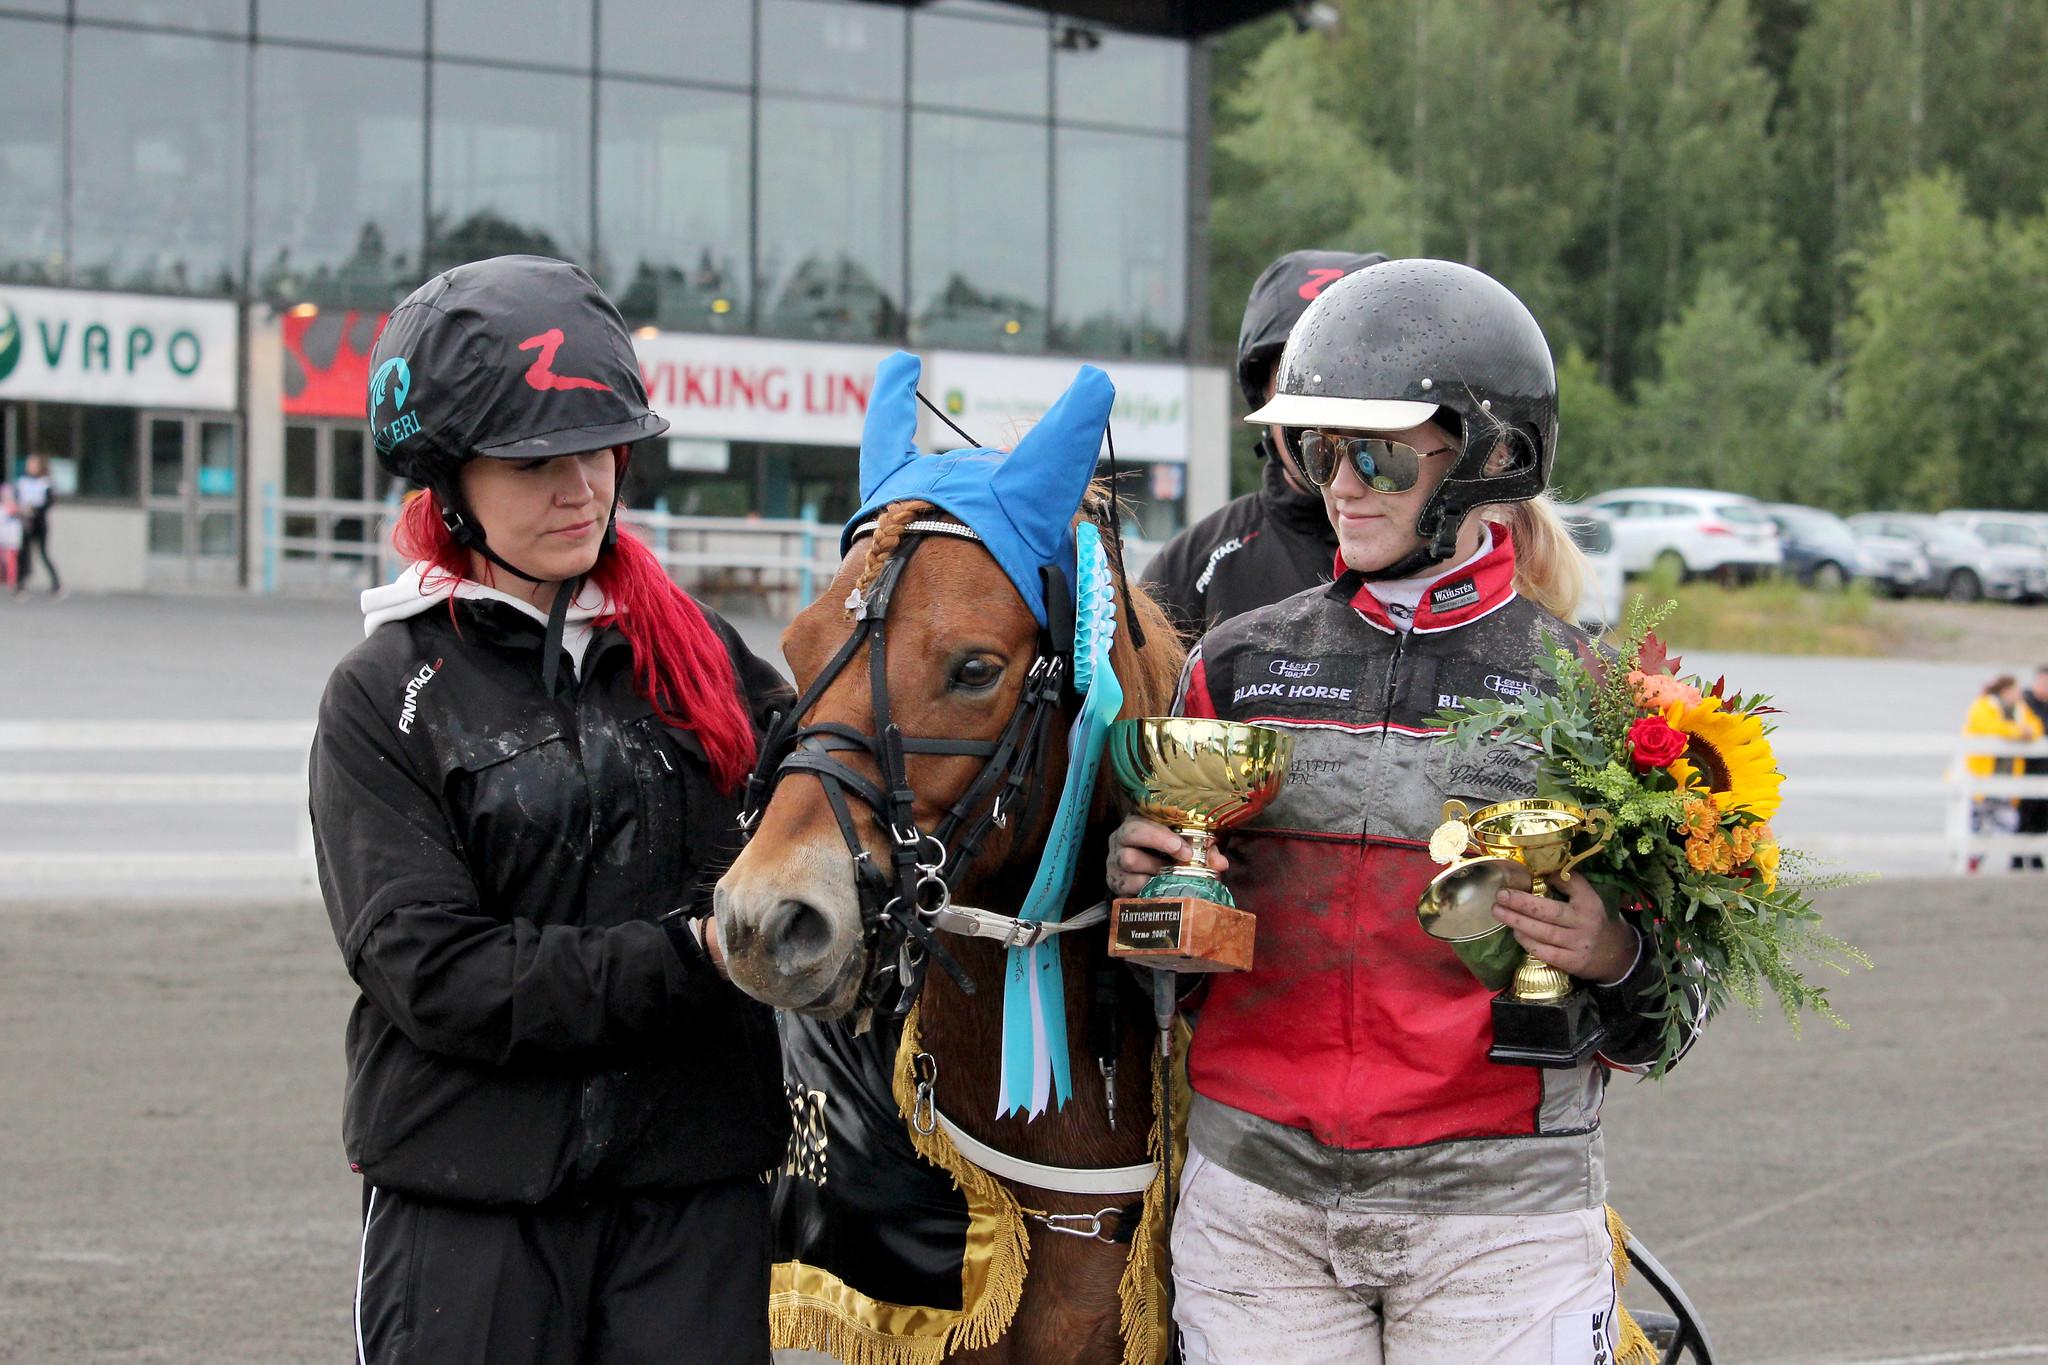 Tiia Vehviläinen ehti poniohjastaja urallaan voittaa useita ponien suurkilpailuja. Circon kanssa Vehviläinen voitti muun muassa Poniruhtinuuden ja Poniderbyn. Kuva: Hippos /Suvi Hakkarainen.